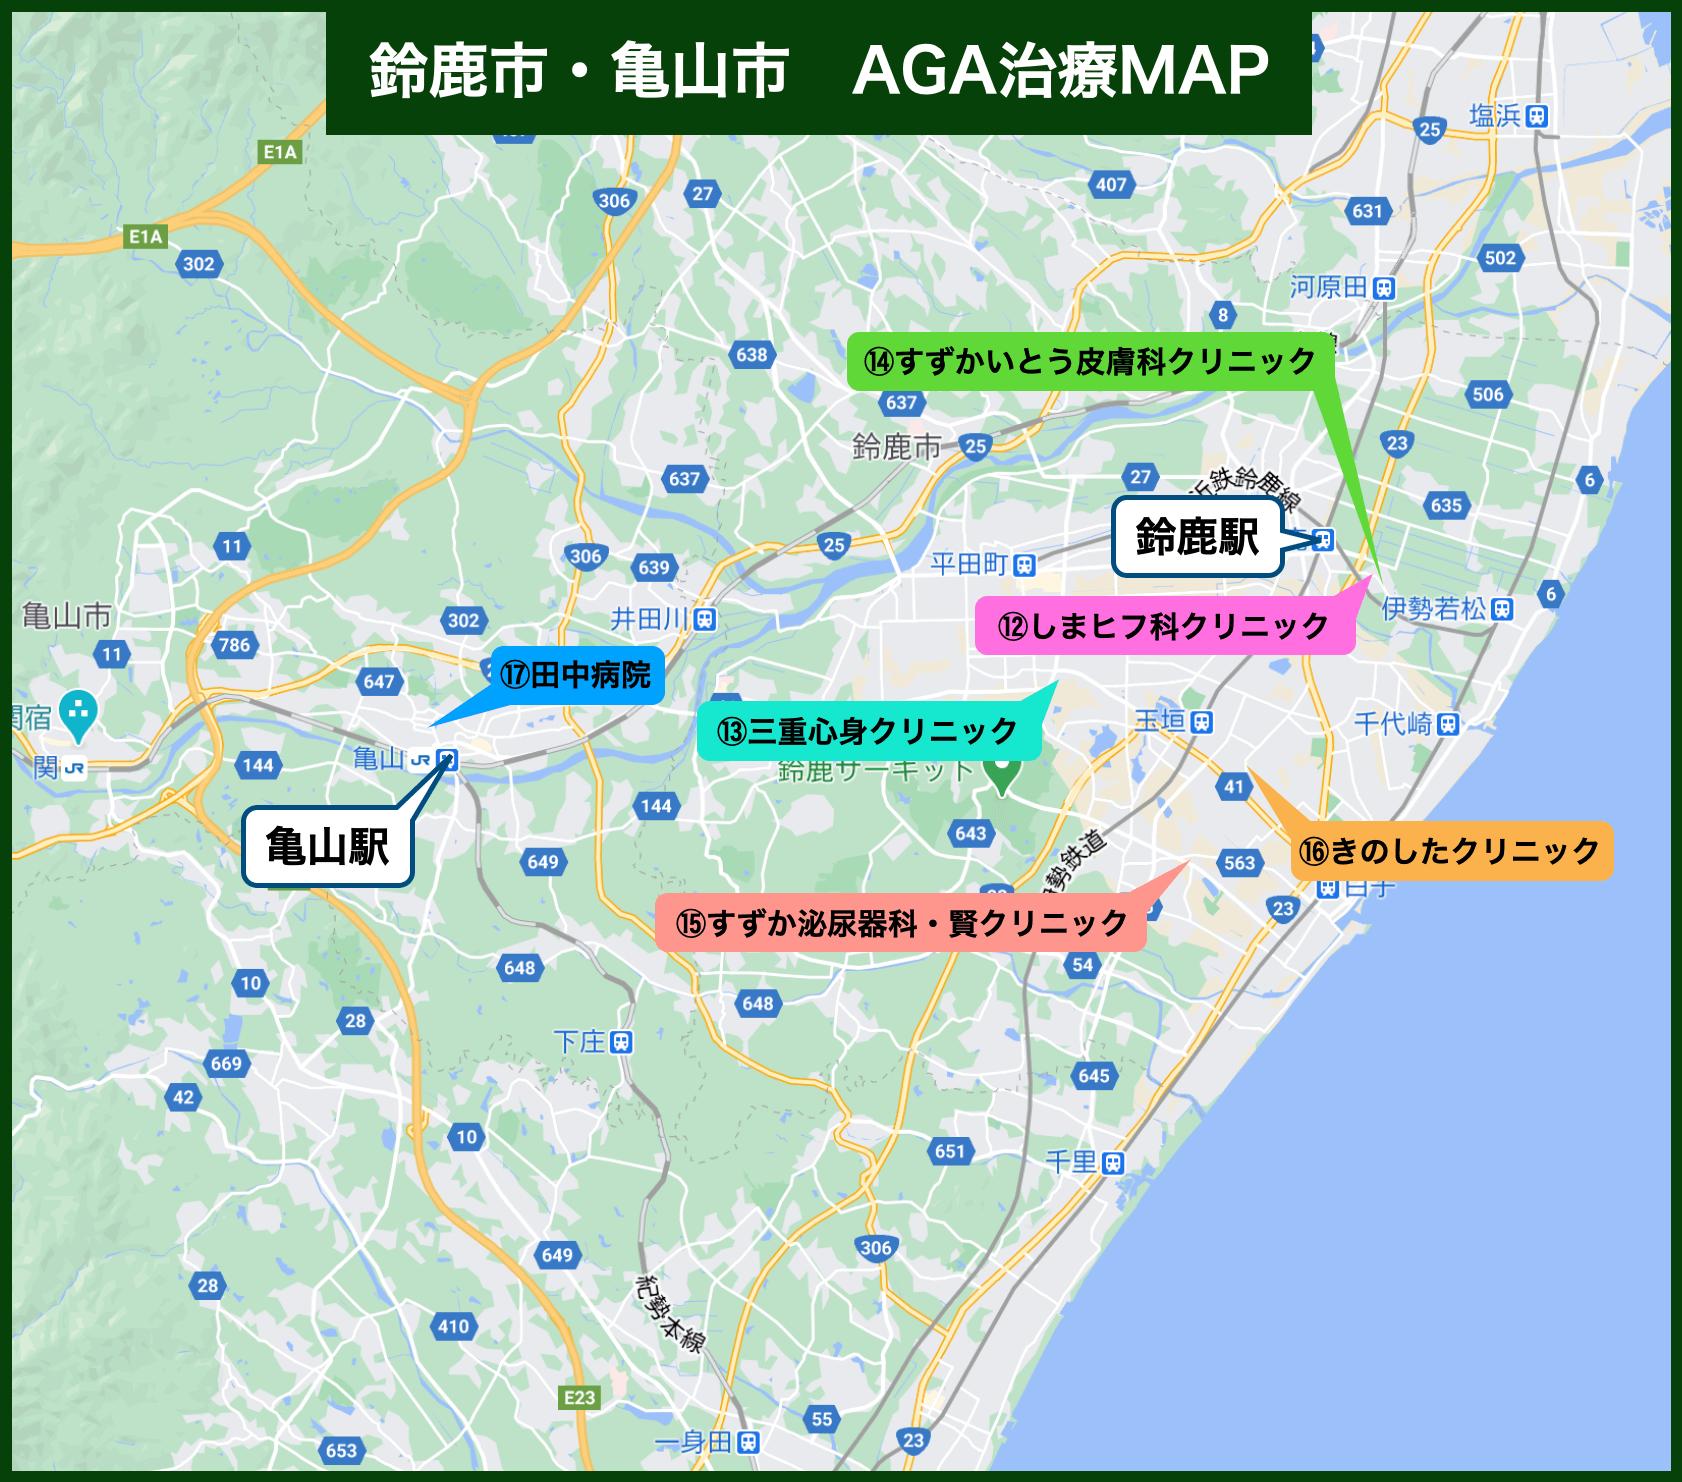 鈴鹿市・亀山市 AGA治療MAP